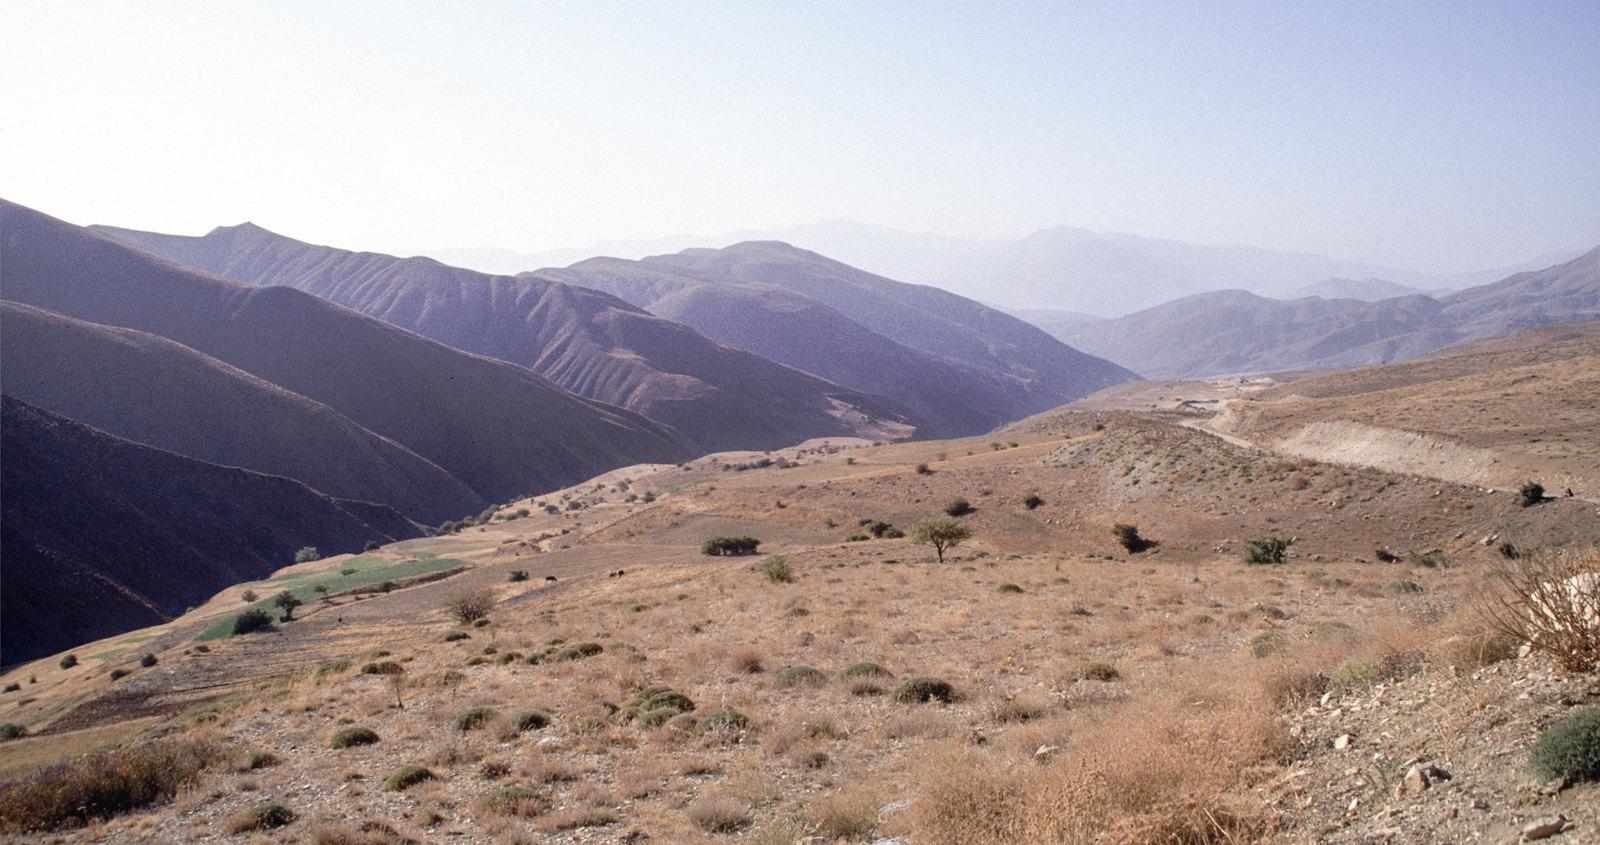 Road trip en Iran - Les reliefs usés des Monts Elbourz